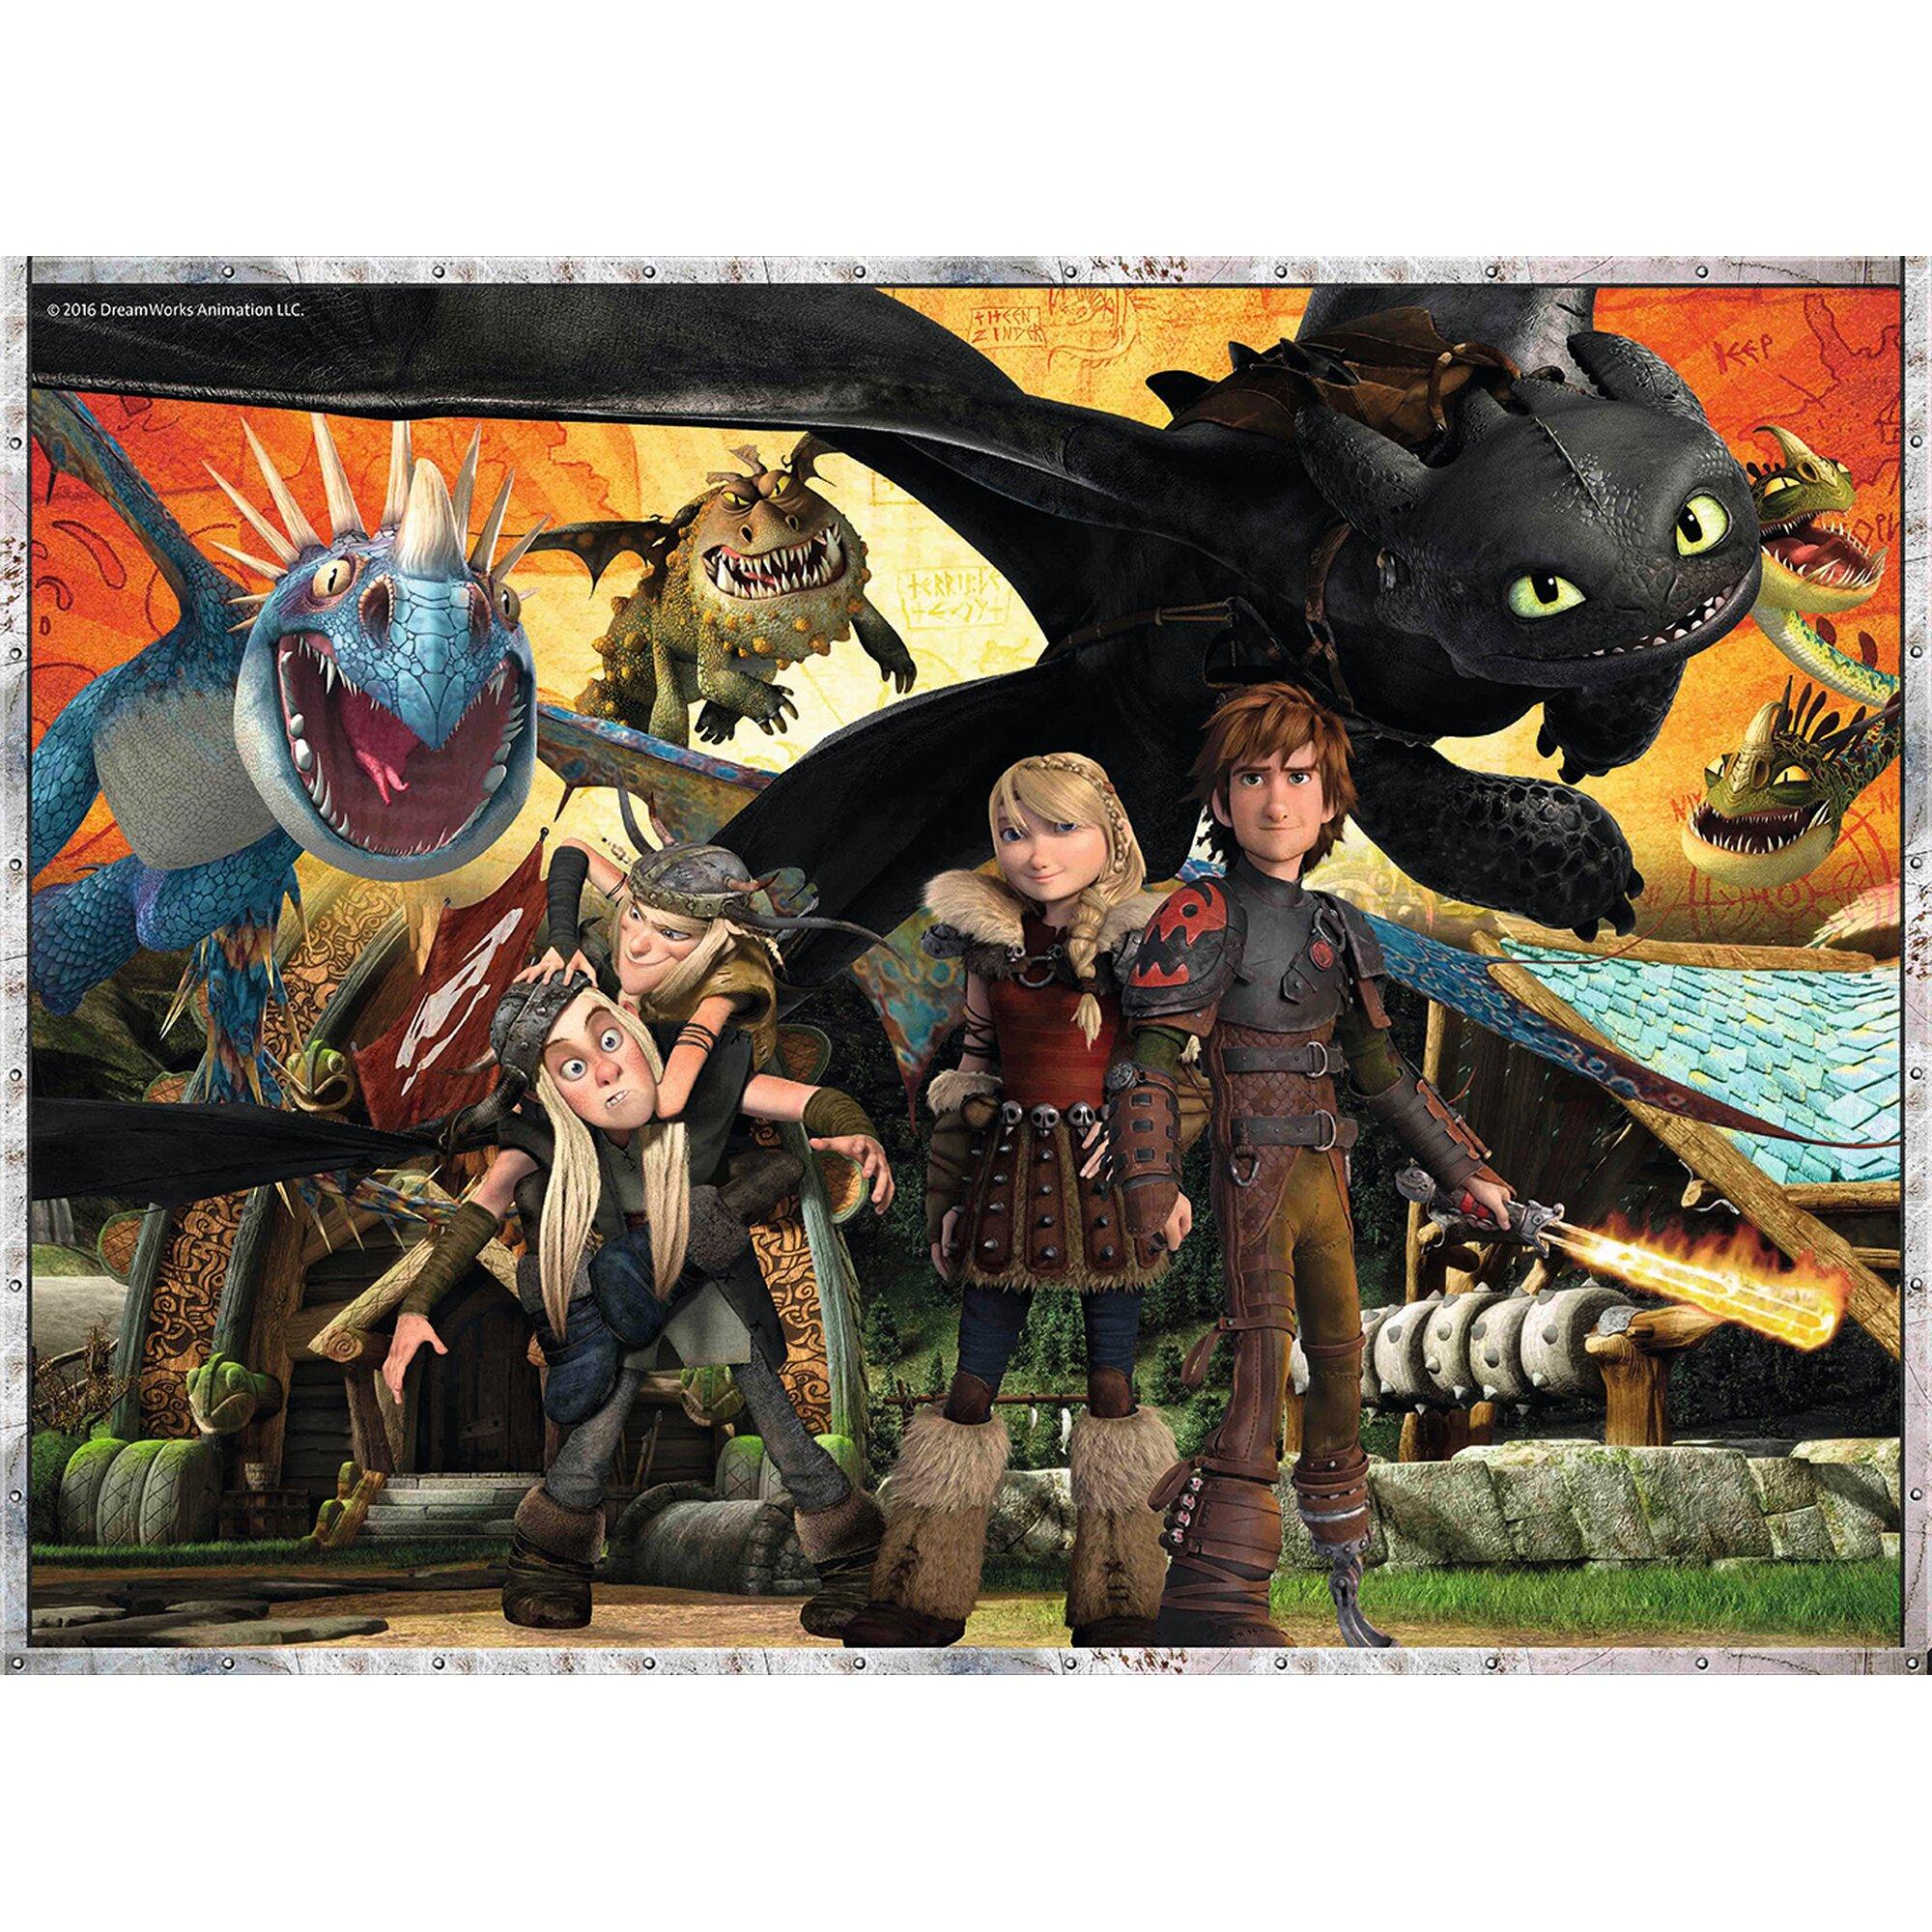 ravensburger-kinderpuzzle-im-xxl-format-dragons-drachenfreunde